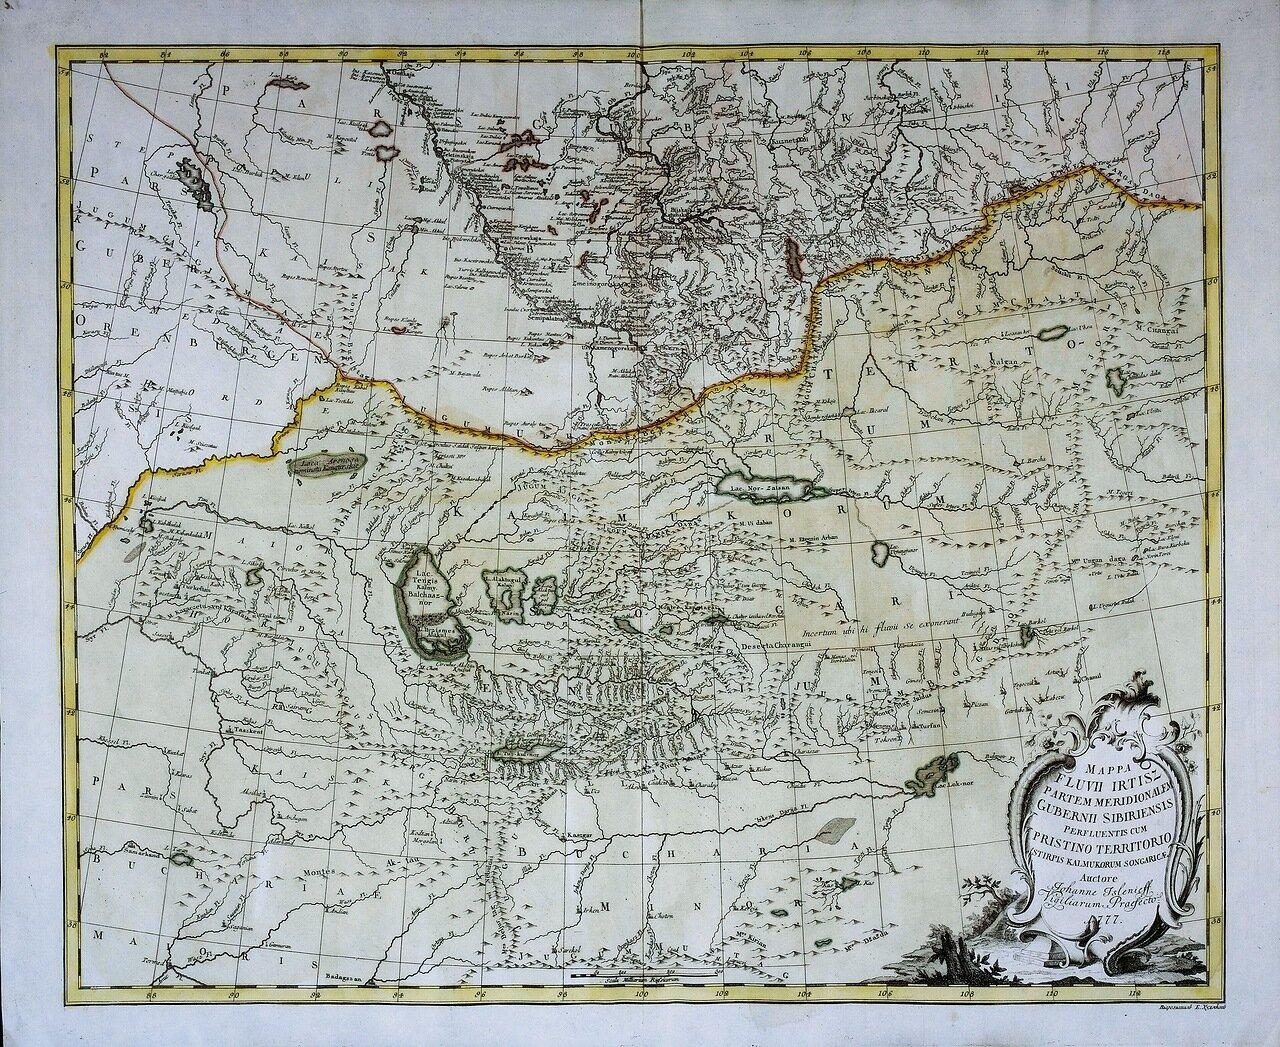 1777. Карта южной части реки Ирбит и бывших калмыцких земель